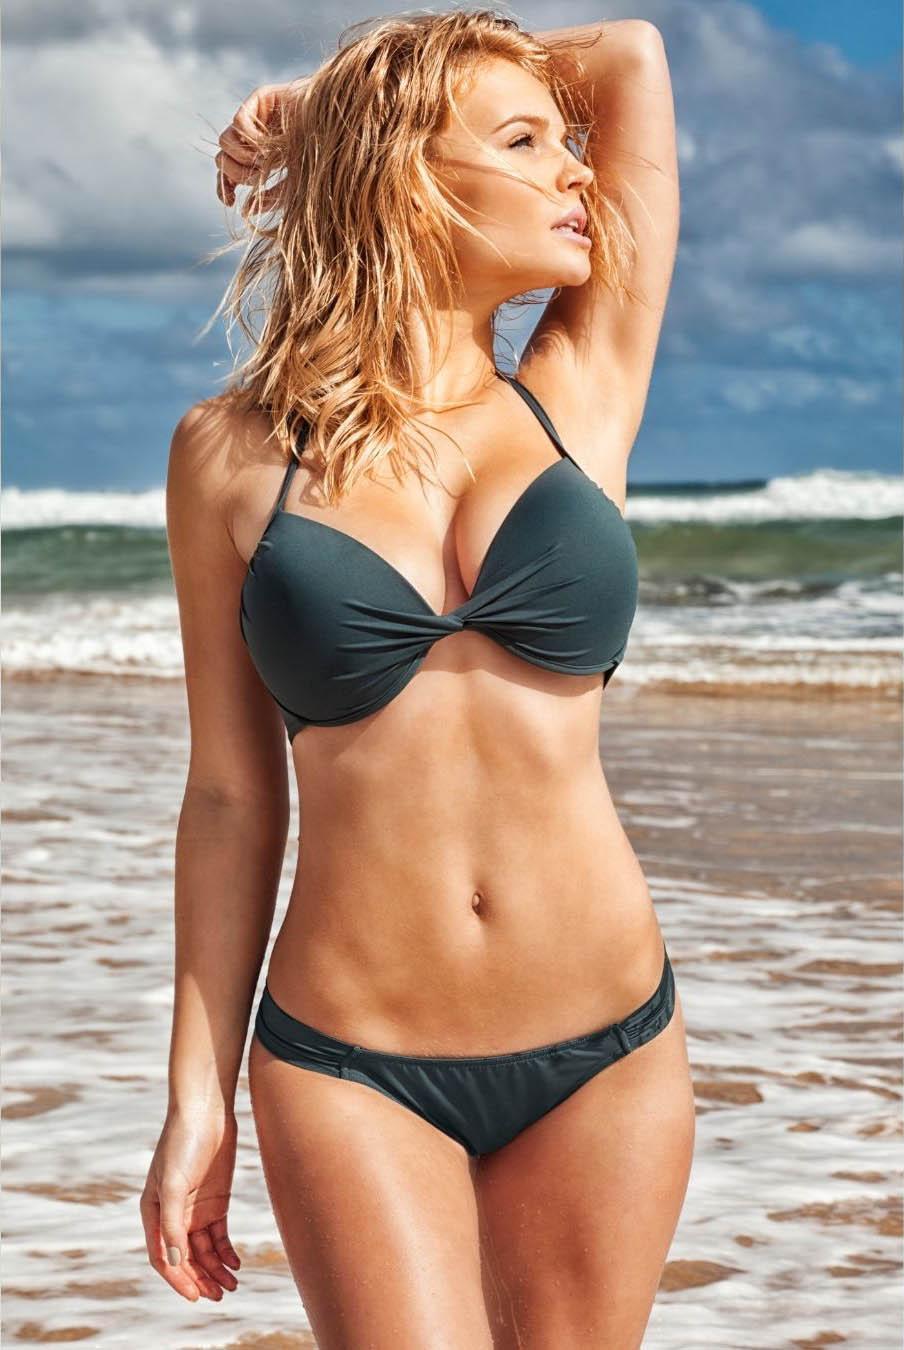 Mujer blanca en bikini en la playa presumiendo su depilación definitiva